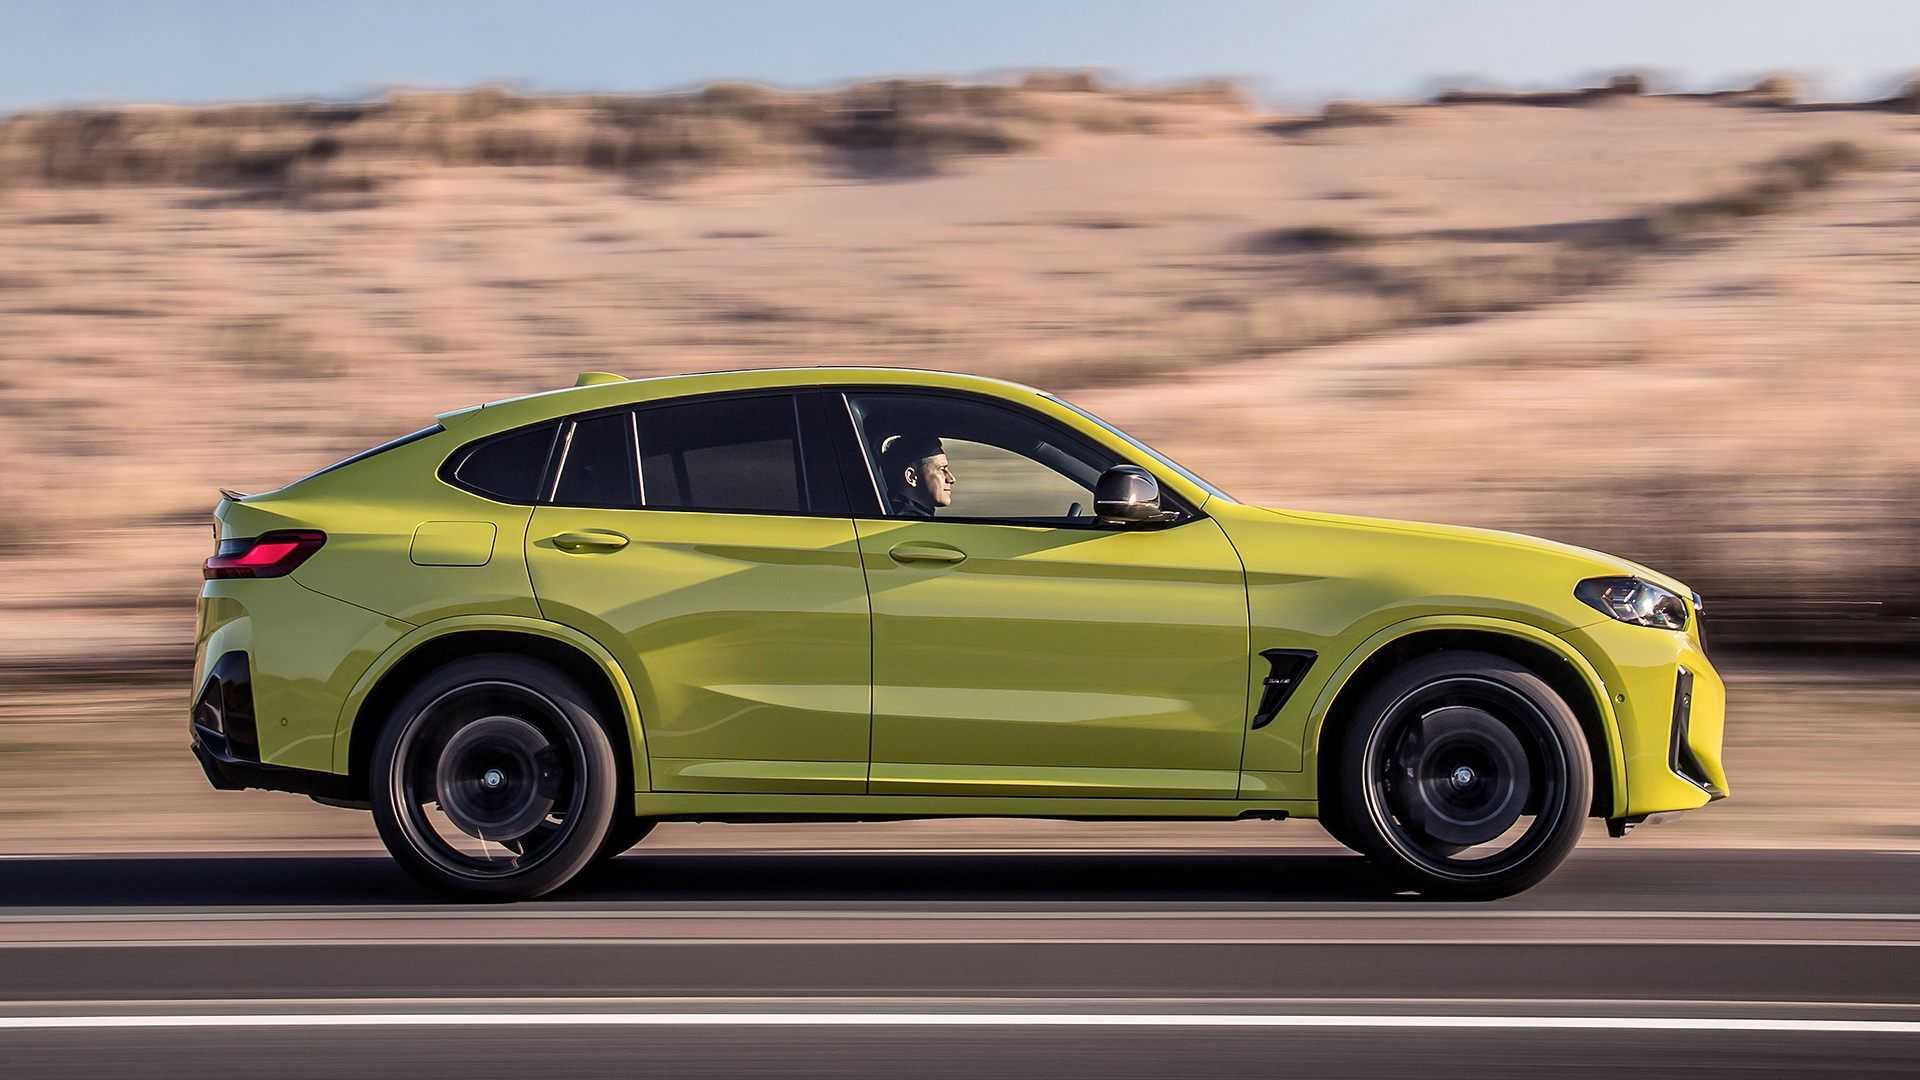 تشكيلة سيارات بي إم دبليو X3 و X4 المحدثة لعام 2022